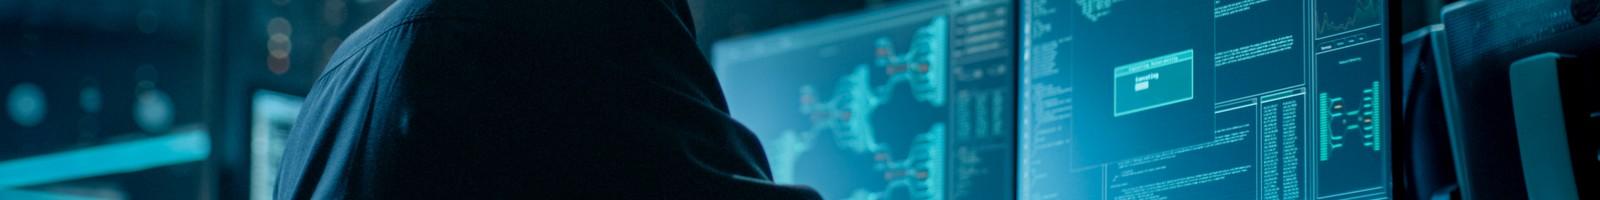 Les hackers s'attaquent aussi désormais aux appareils photo numériques